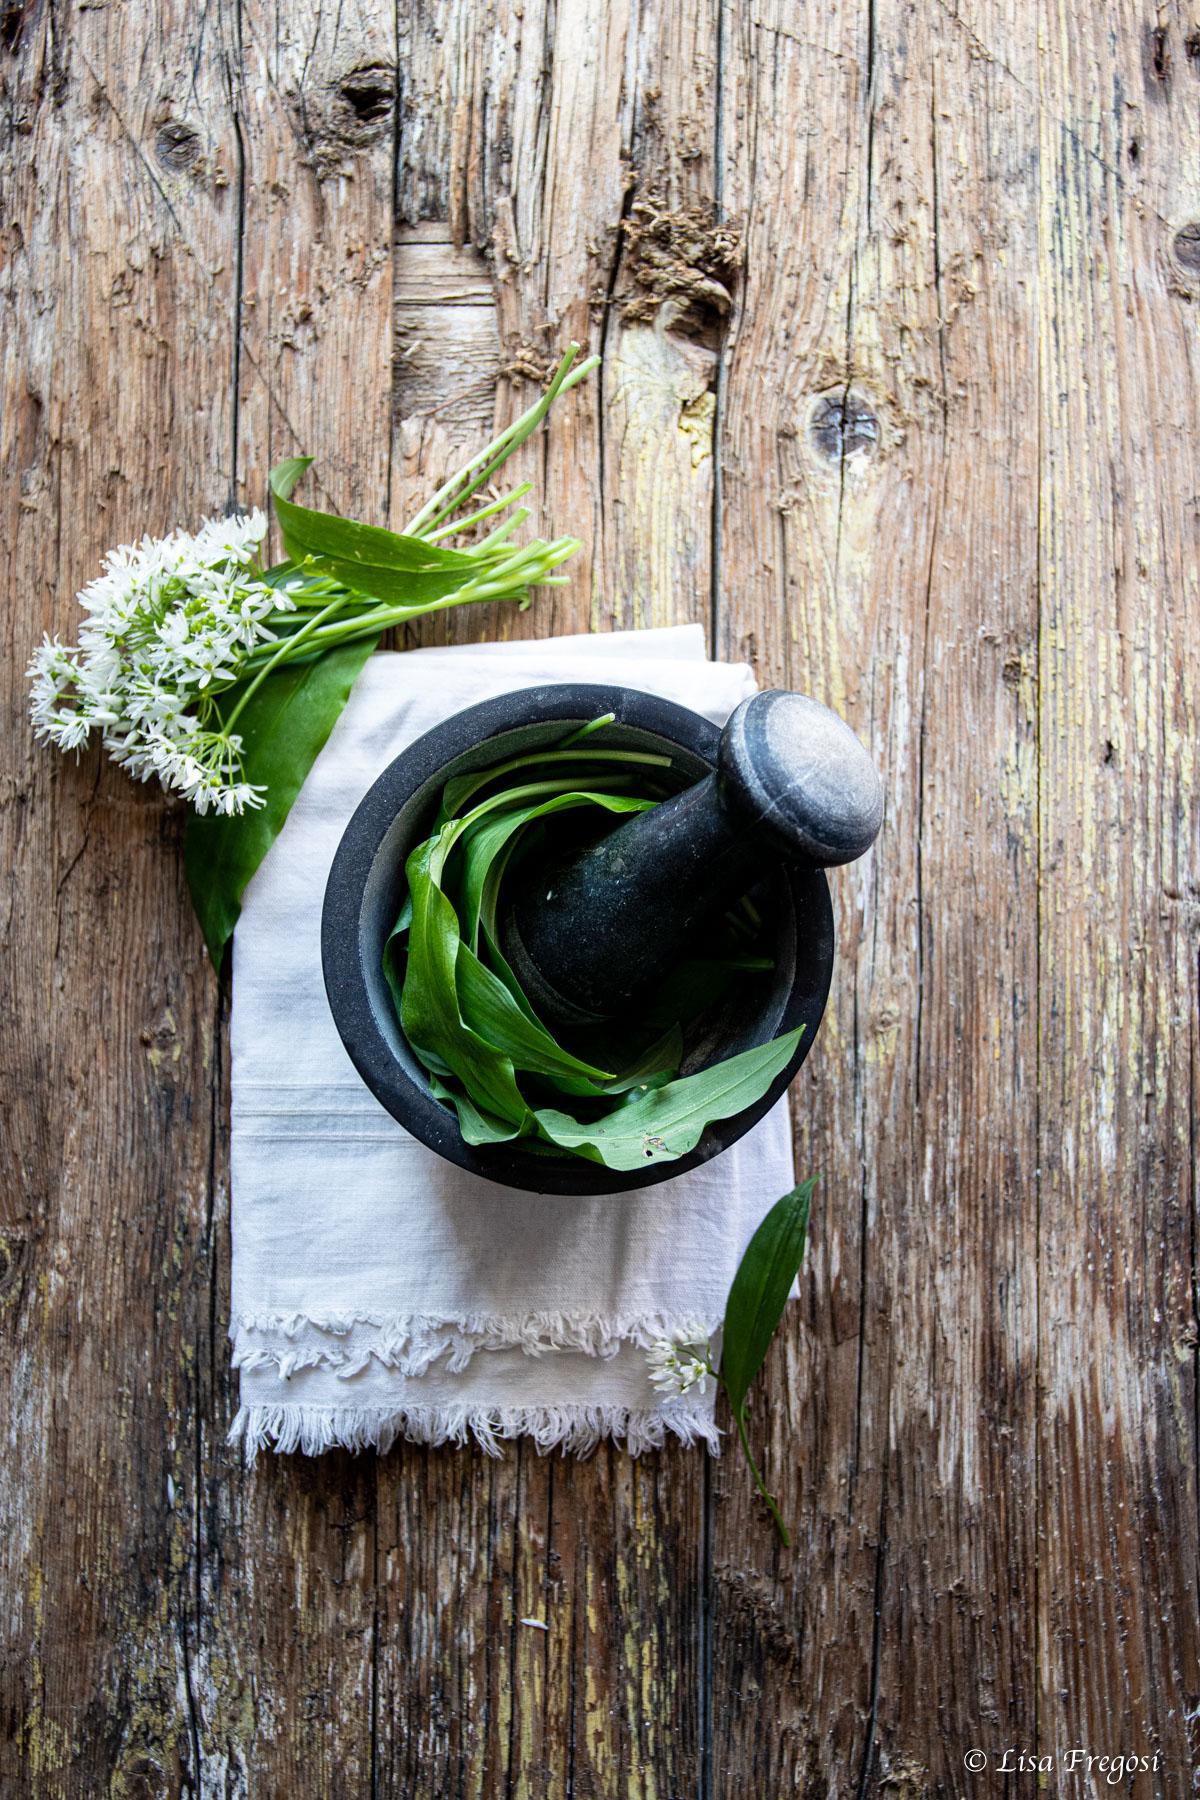 aglio orsino proproetà, uso in cucina e dove trovarlo